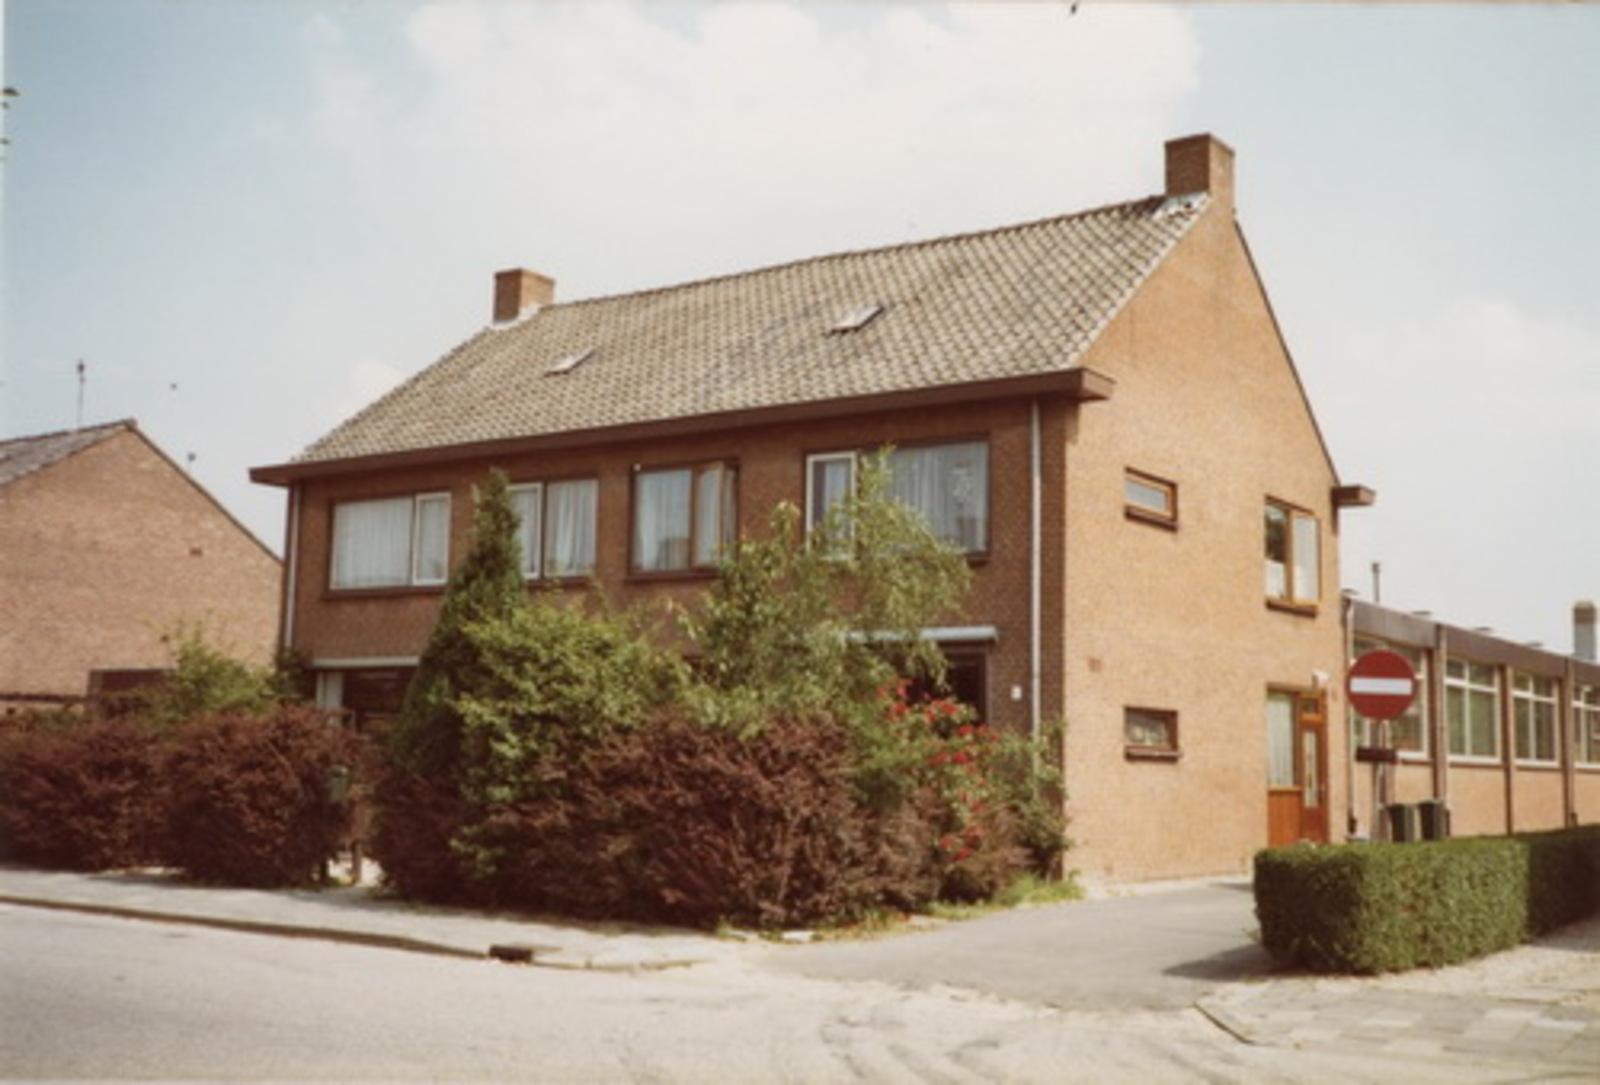 Beetslaan 0053-55 1983 huizen Aat en Niek vd Berg 02